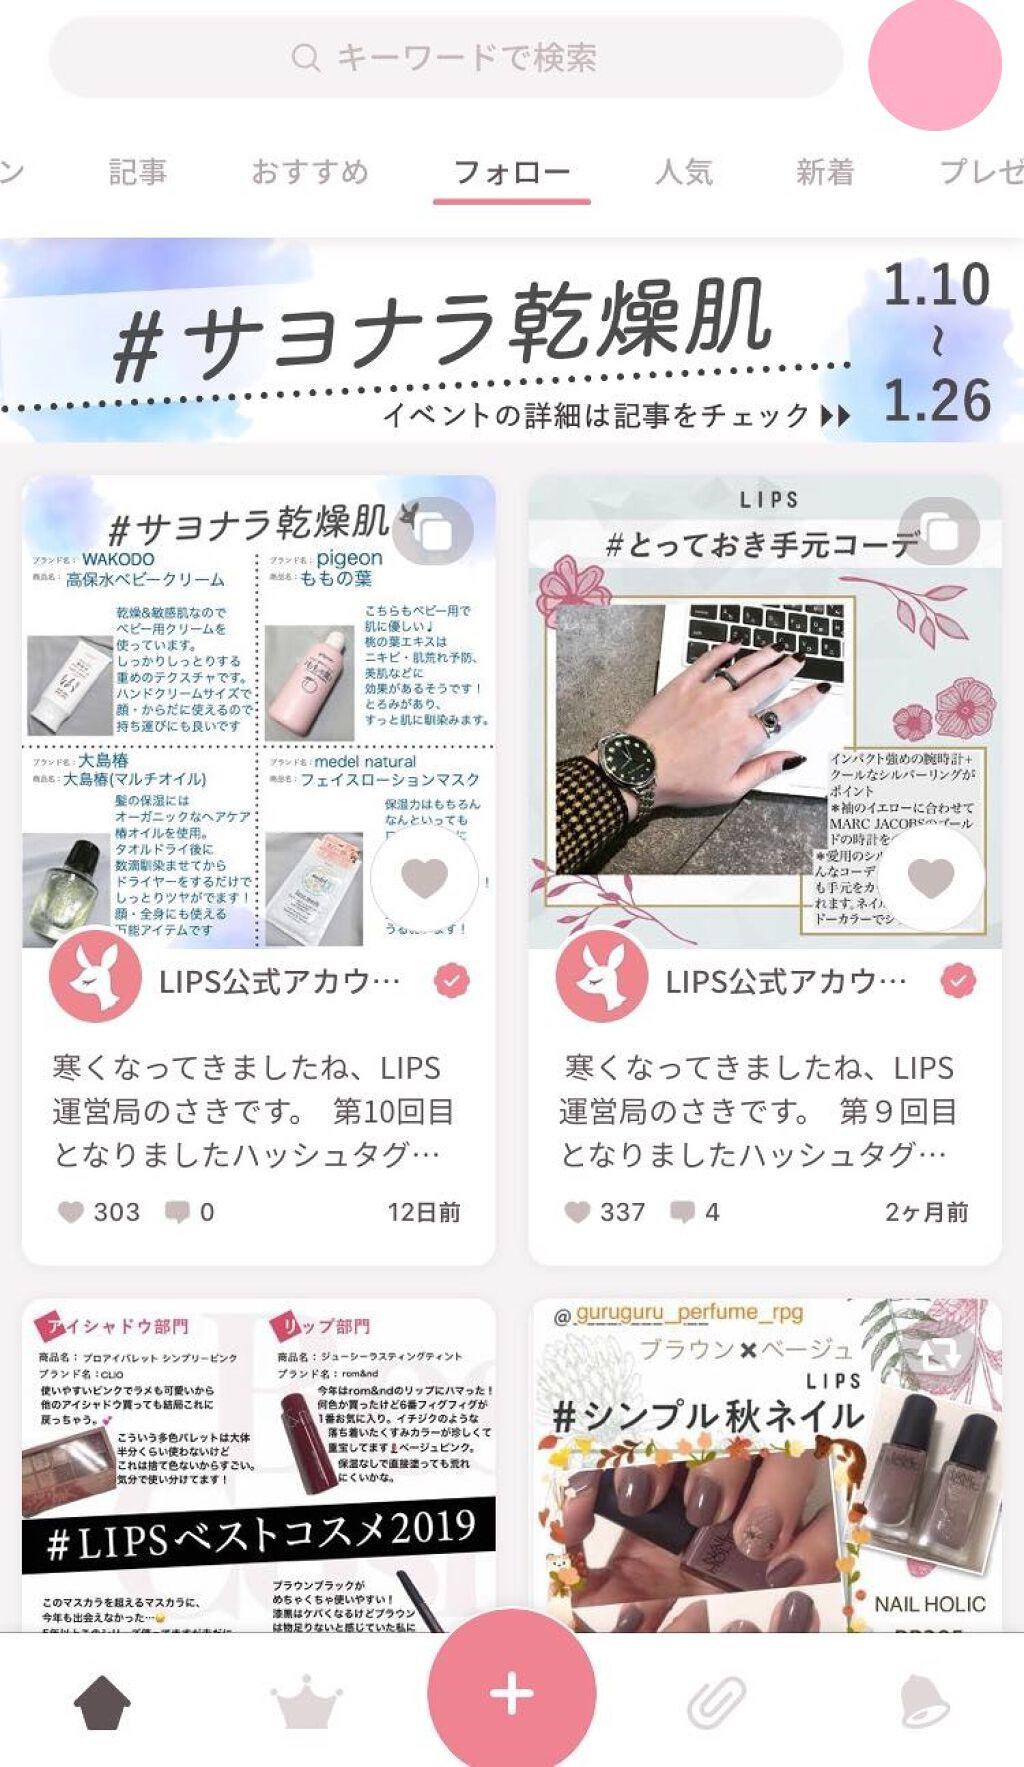 初心者ユーザーさんに届け♡ LIPSの楽しい使い方を徹底レクチャーの画像